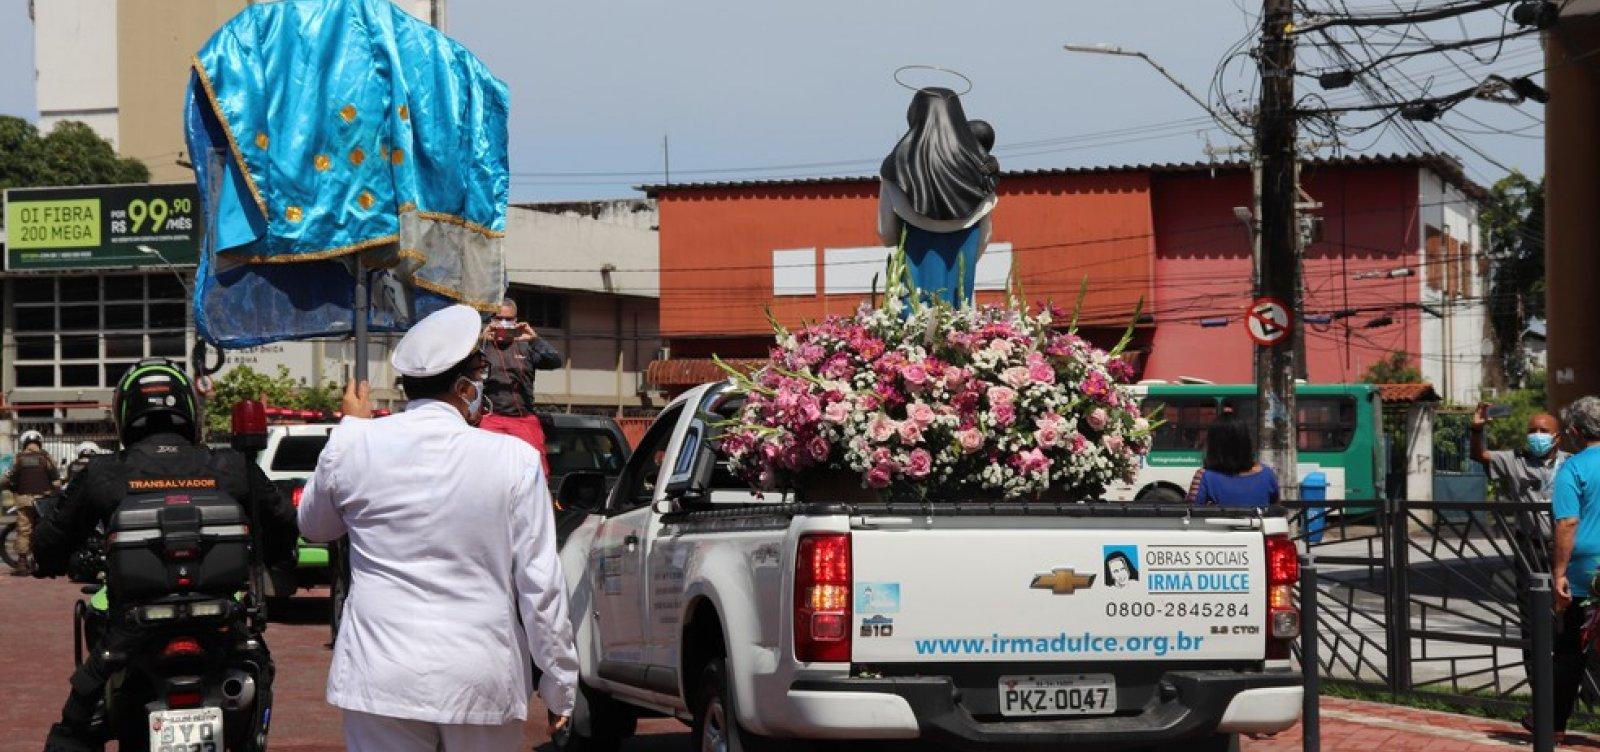 [Sem cortejo dos fiéis, imagem de Santa Dulce dos Pobres percorre ruas de Salvador]